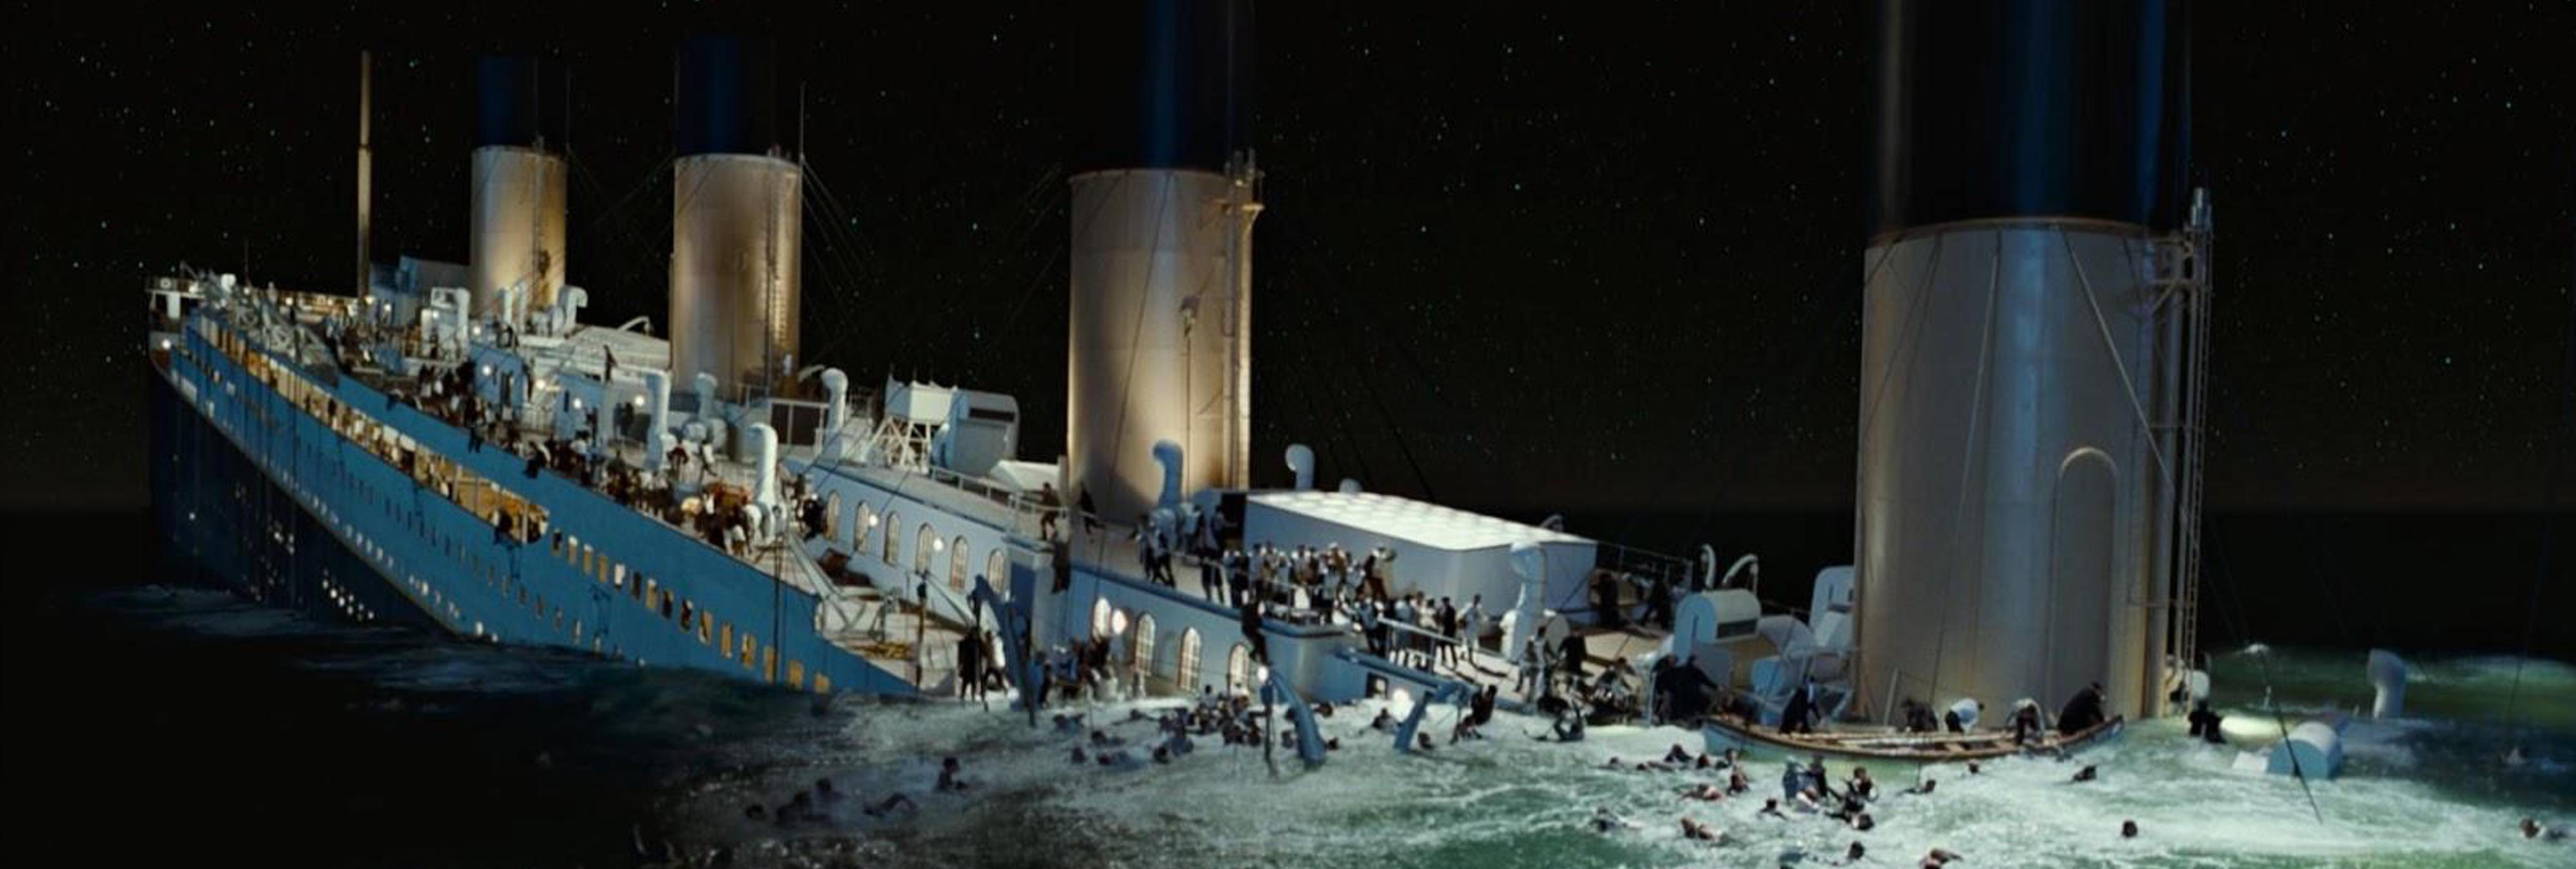 Expertos en el juego barco hundido en cassino-567658